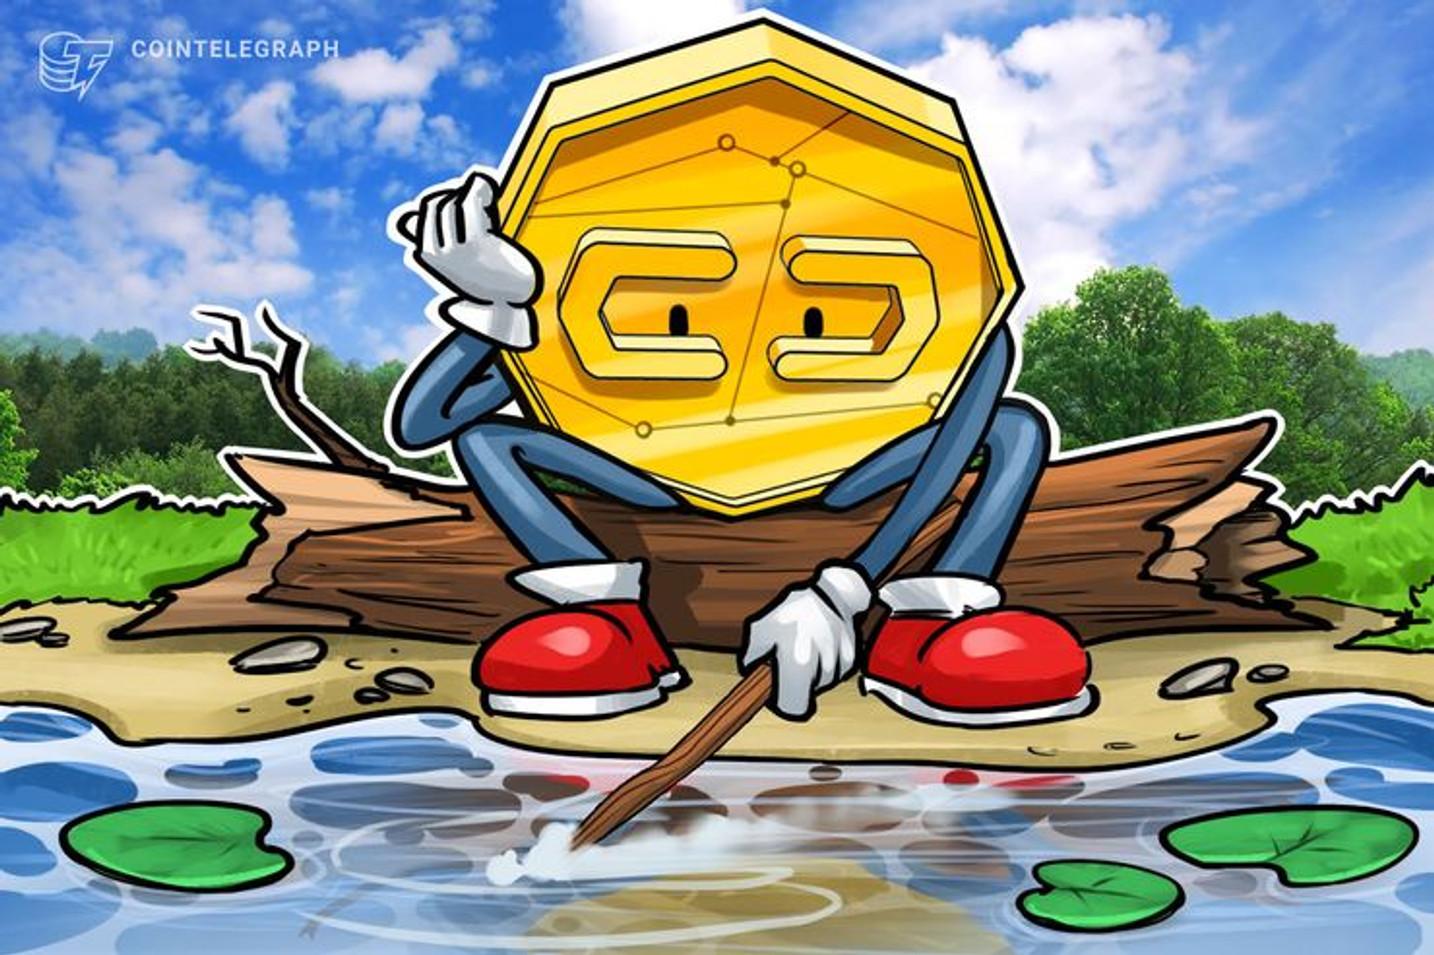 リップルCEOに反論「上辺だけで環境配慮する姿勢やめよう」|仮想通貨ビットコイン批判で